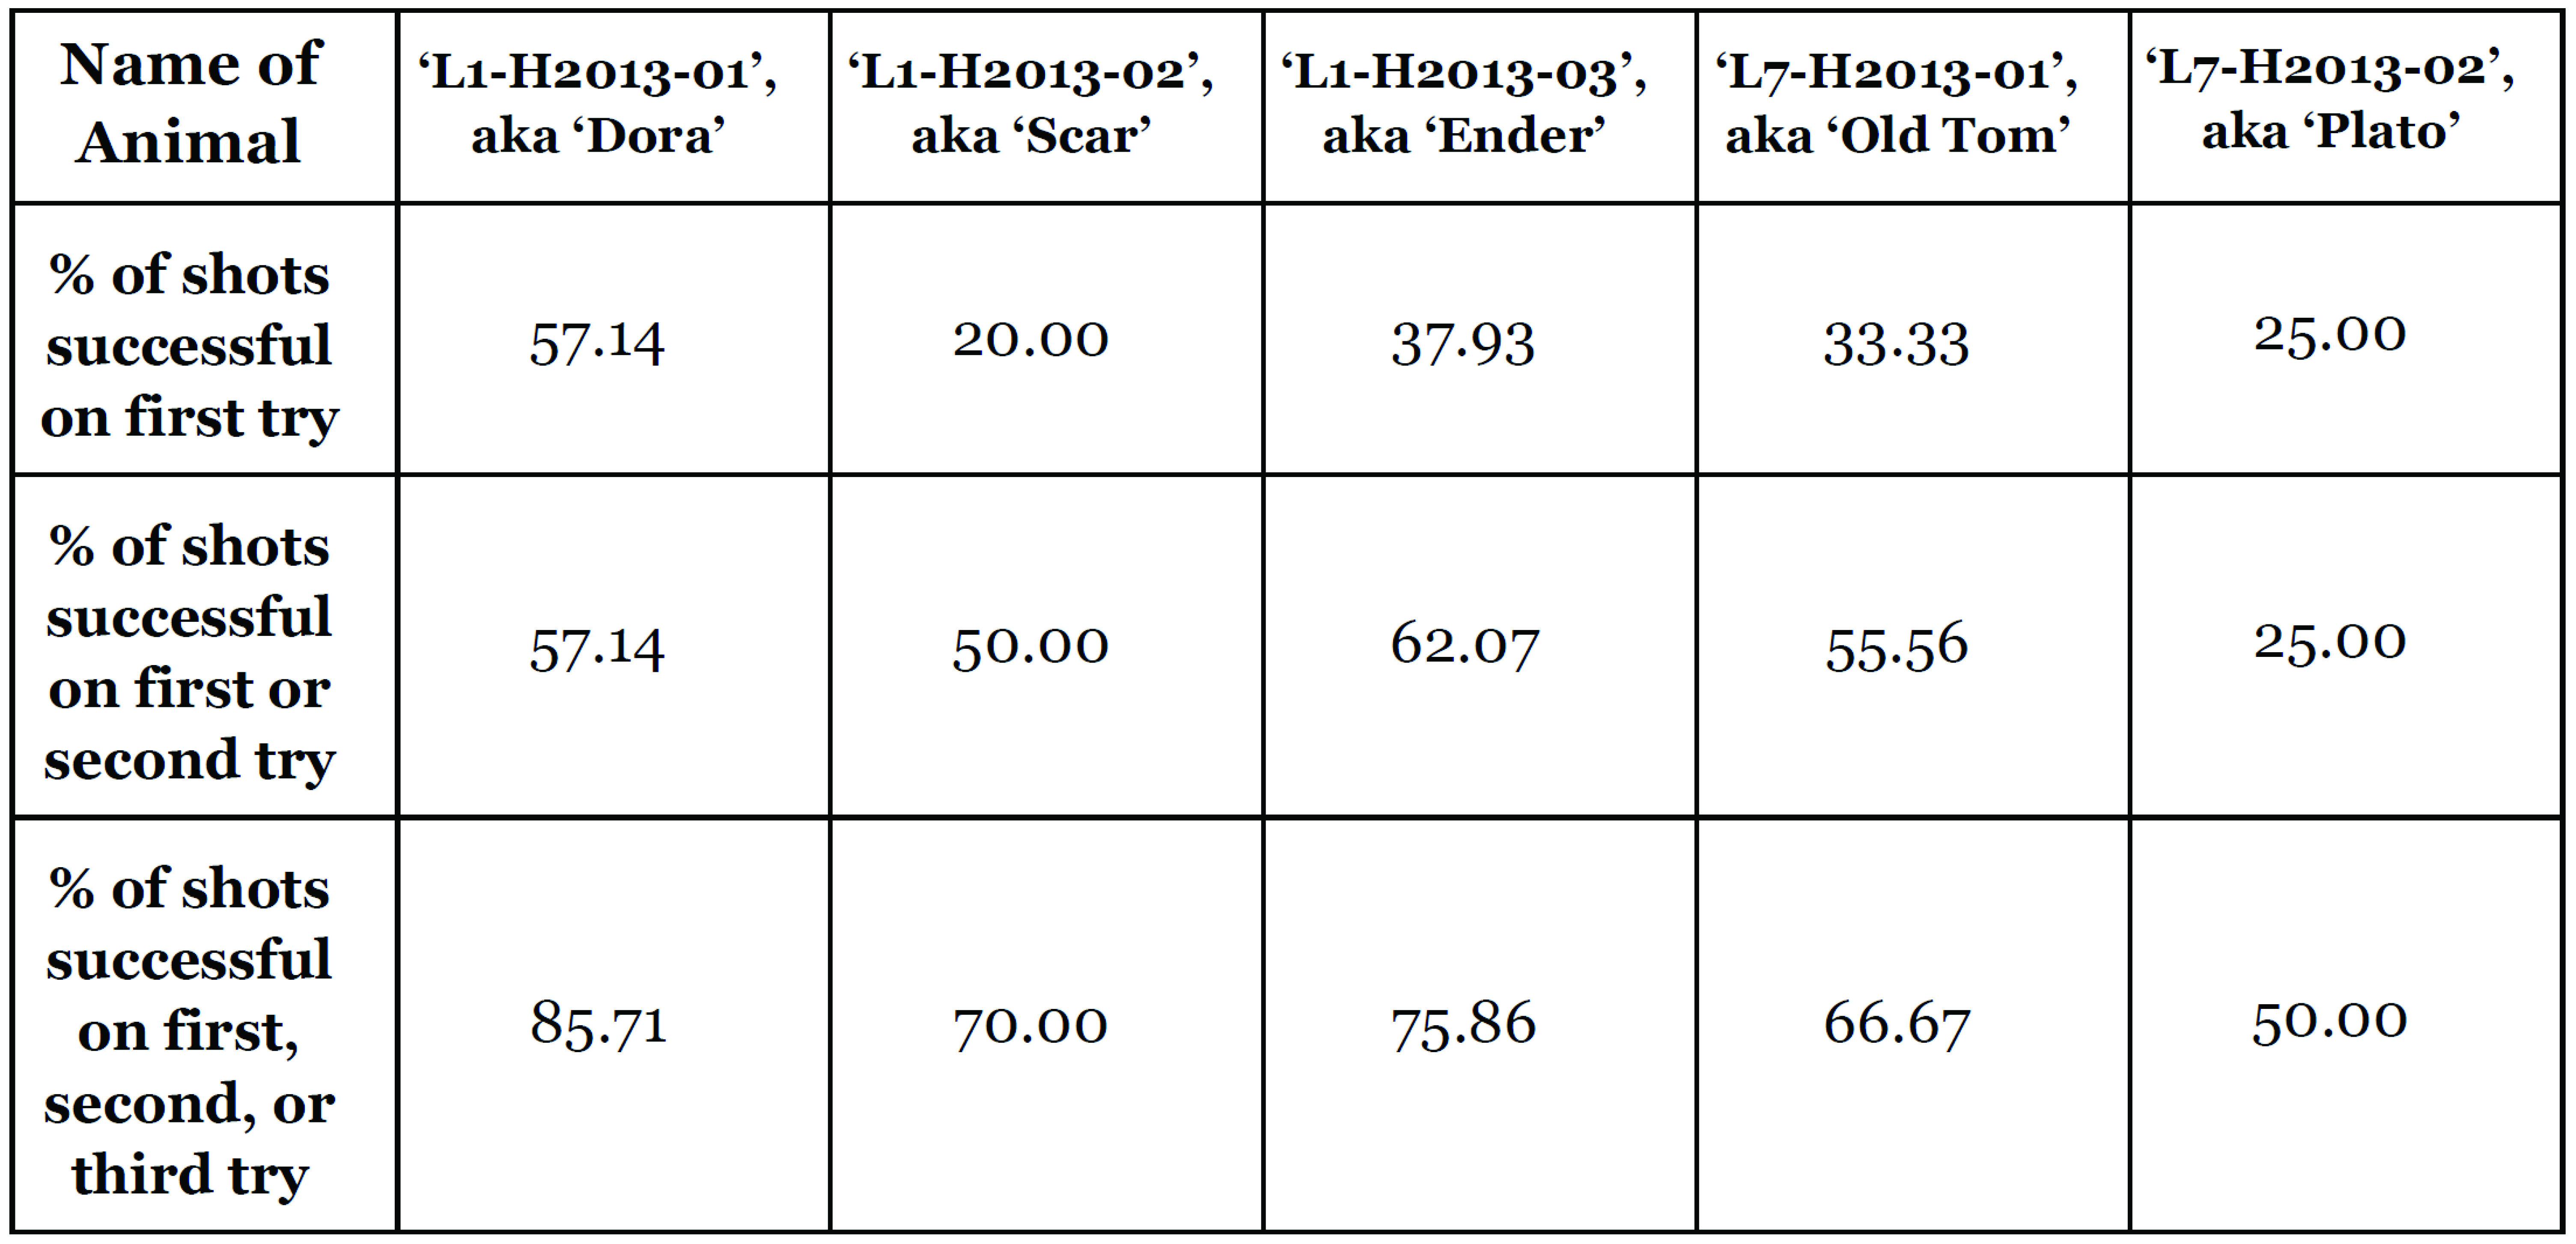 Table 2: Accuracy of seizure via tentacle shots